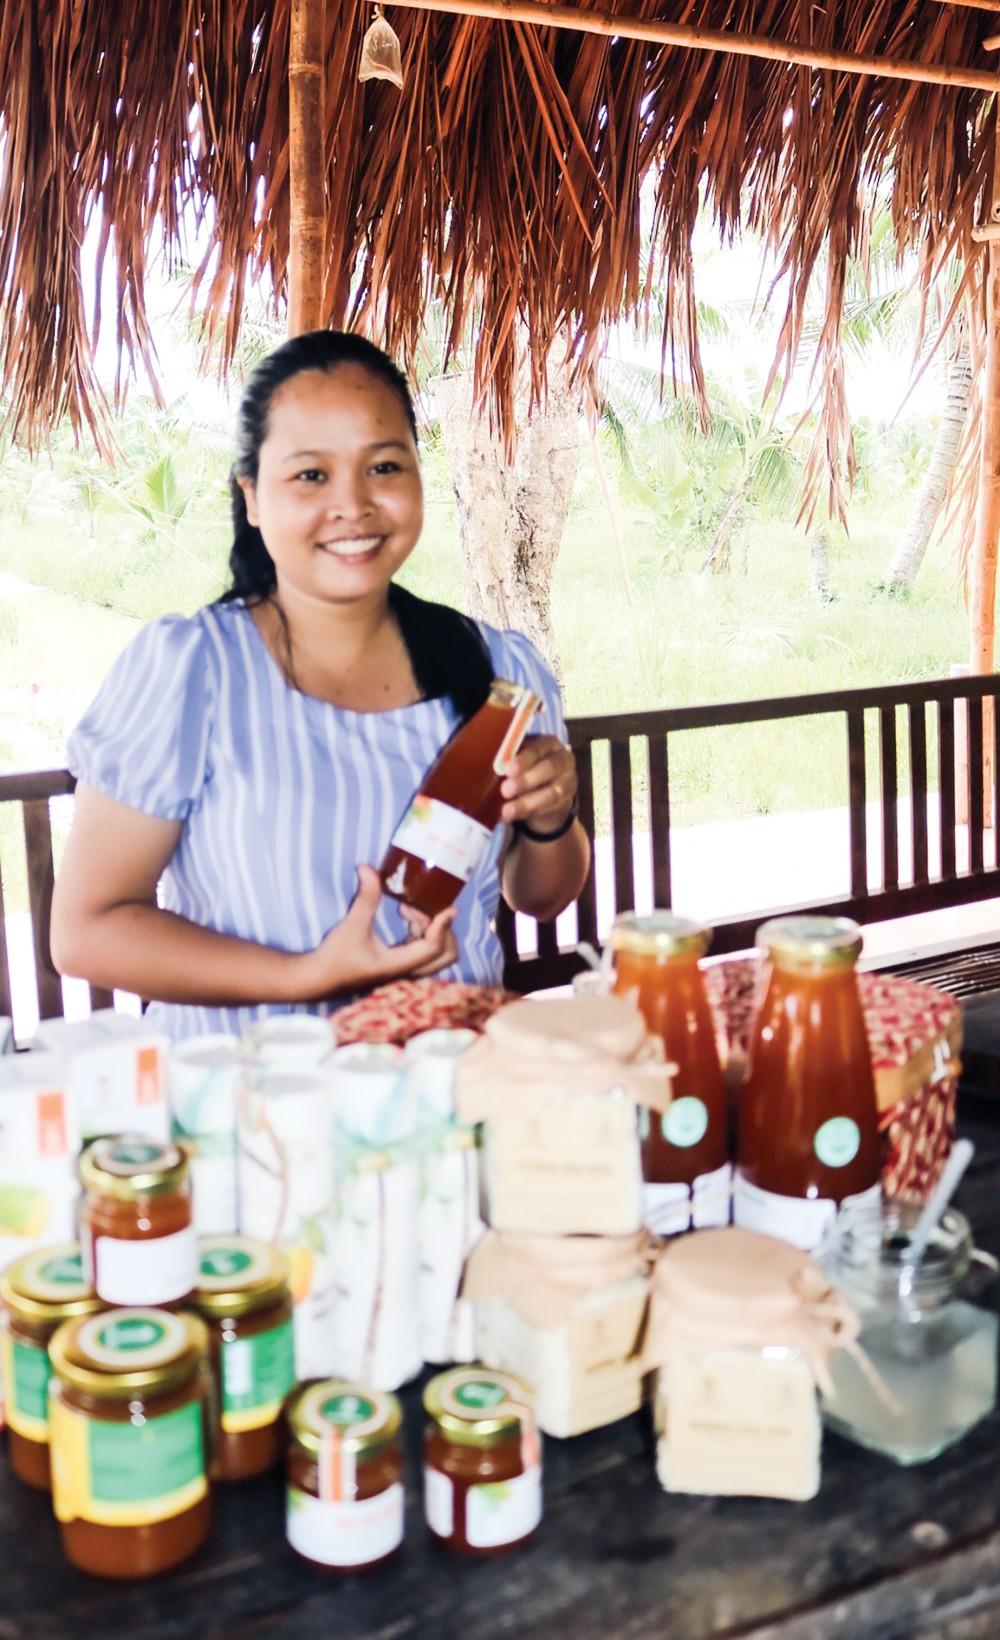 Chị Thạch Thị Chal Thi giới thiệu các sản phẩm chính làm mật hoa dừa của Sokfarm.